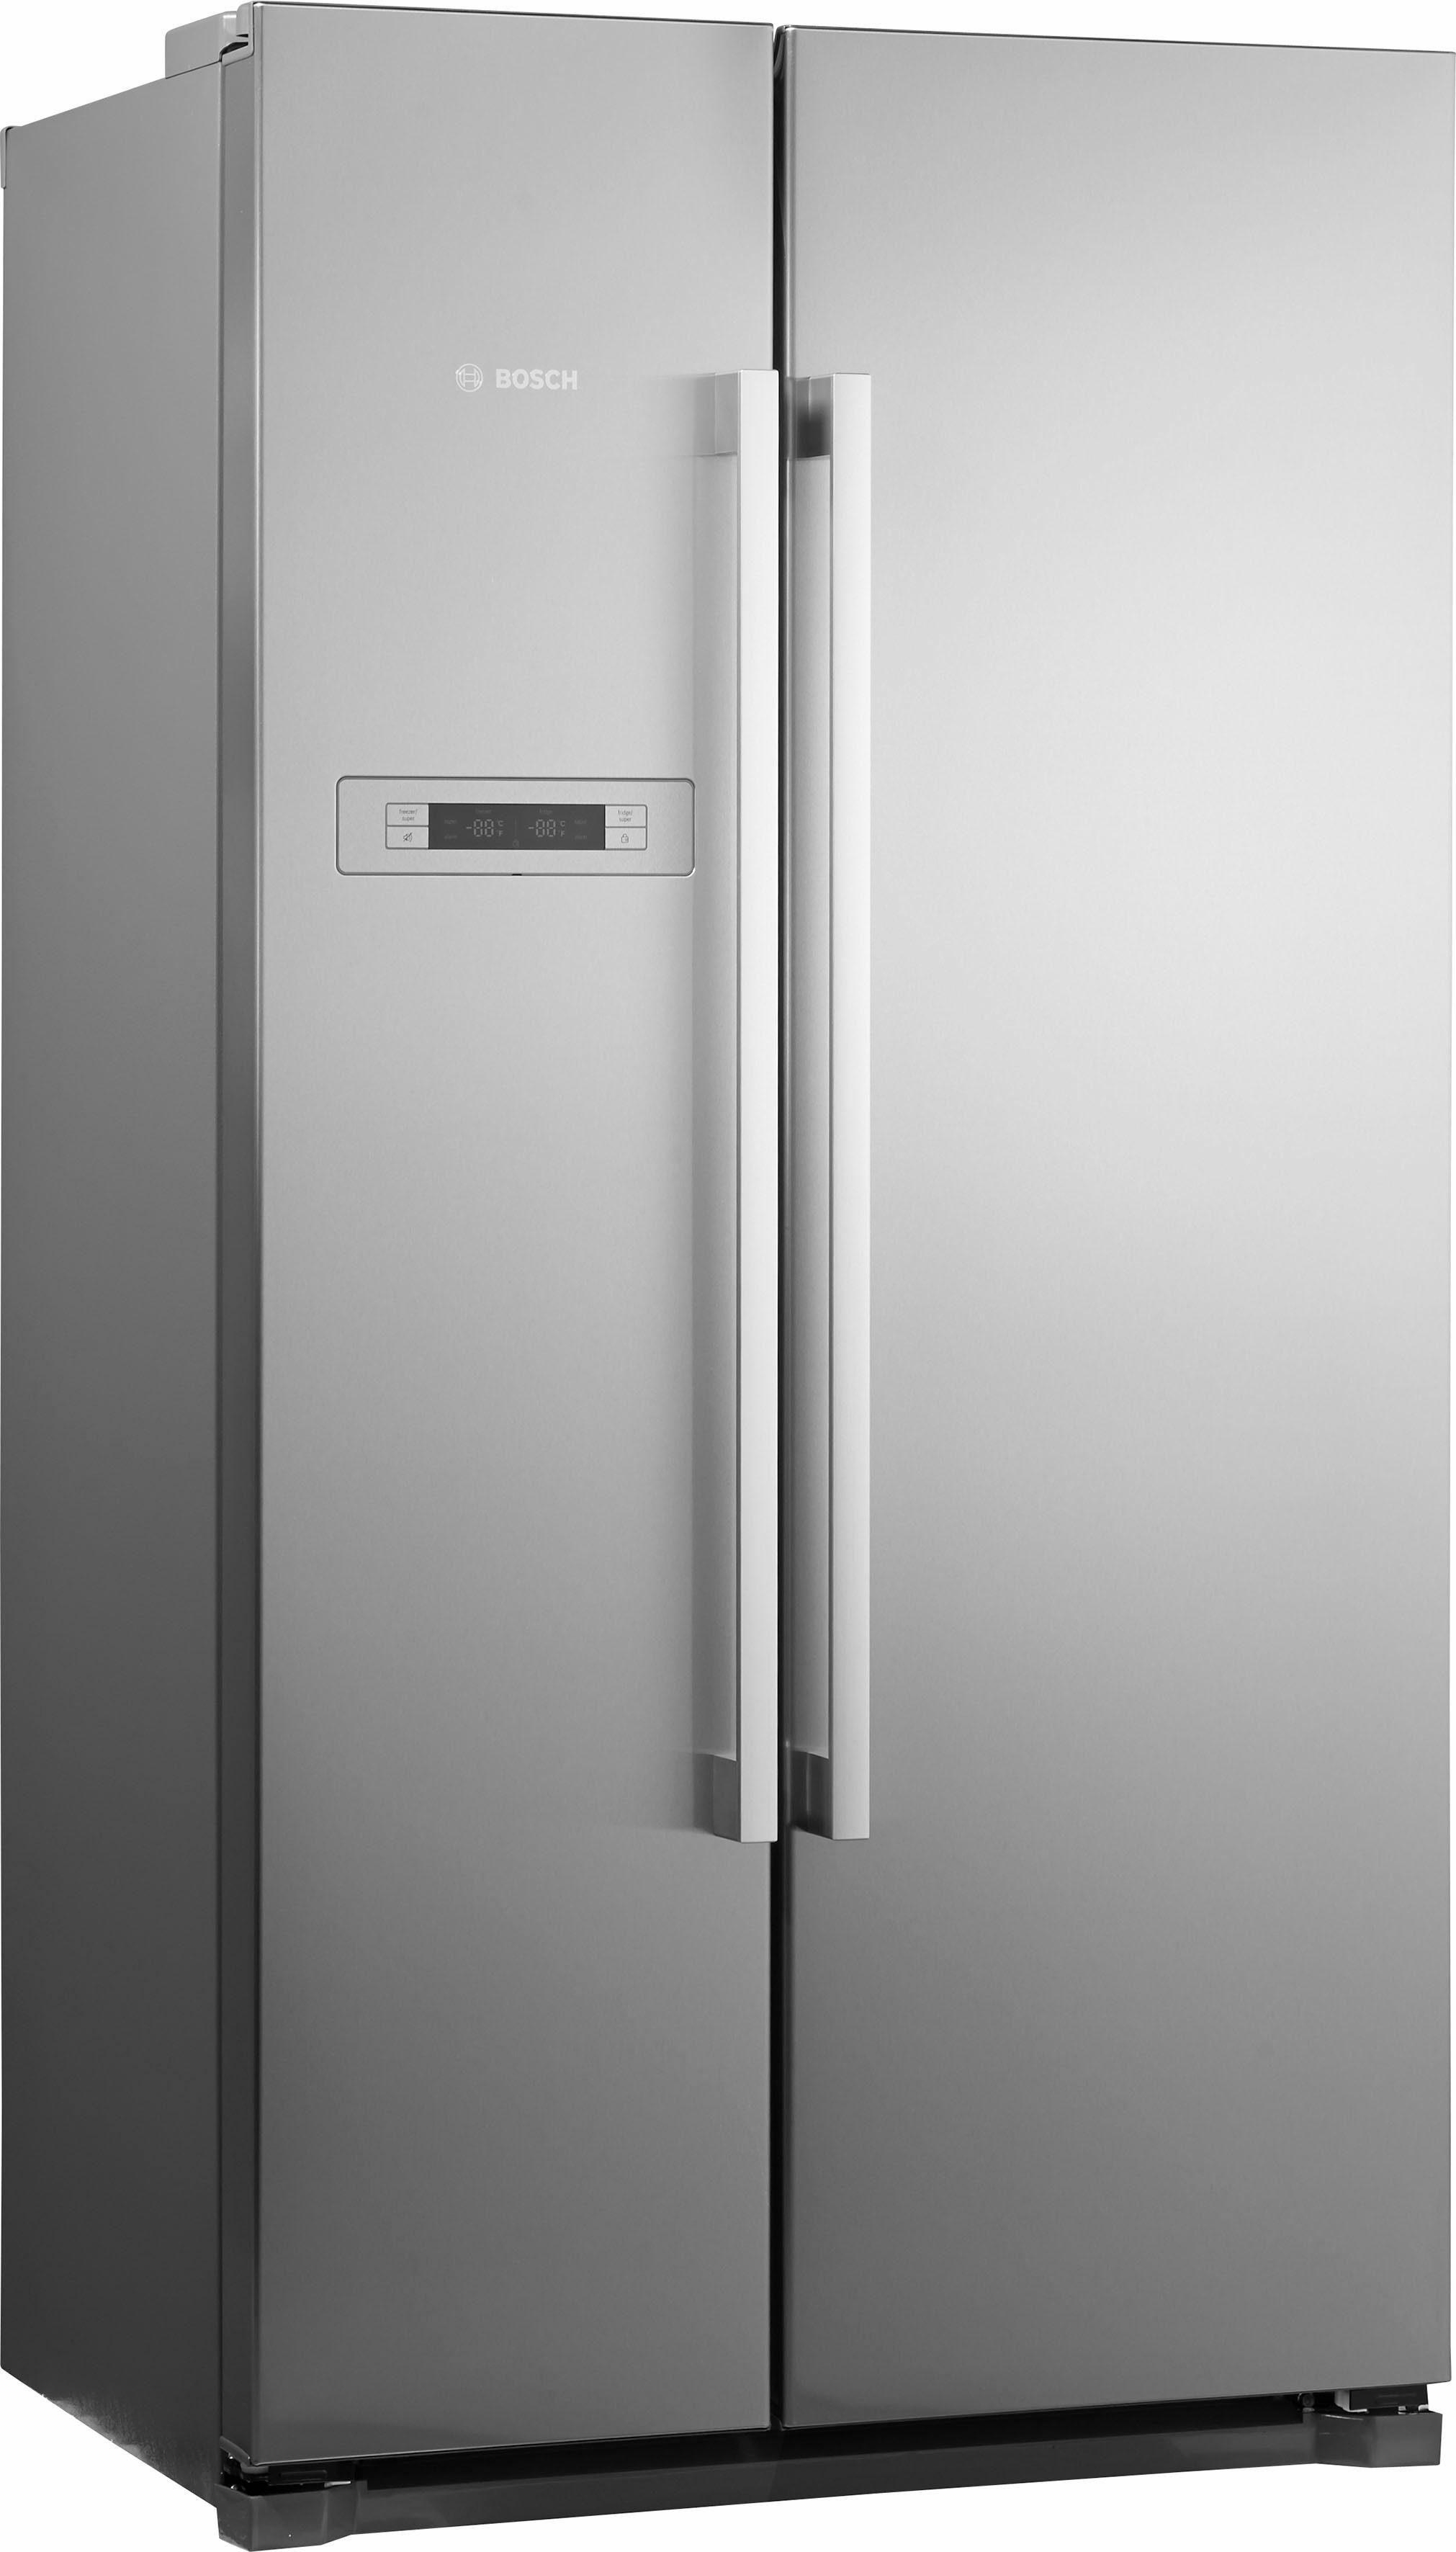 BOSCH Side-by-Side KAN90VI20, 177 cm hoch, 91 cm breit